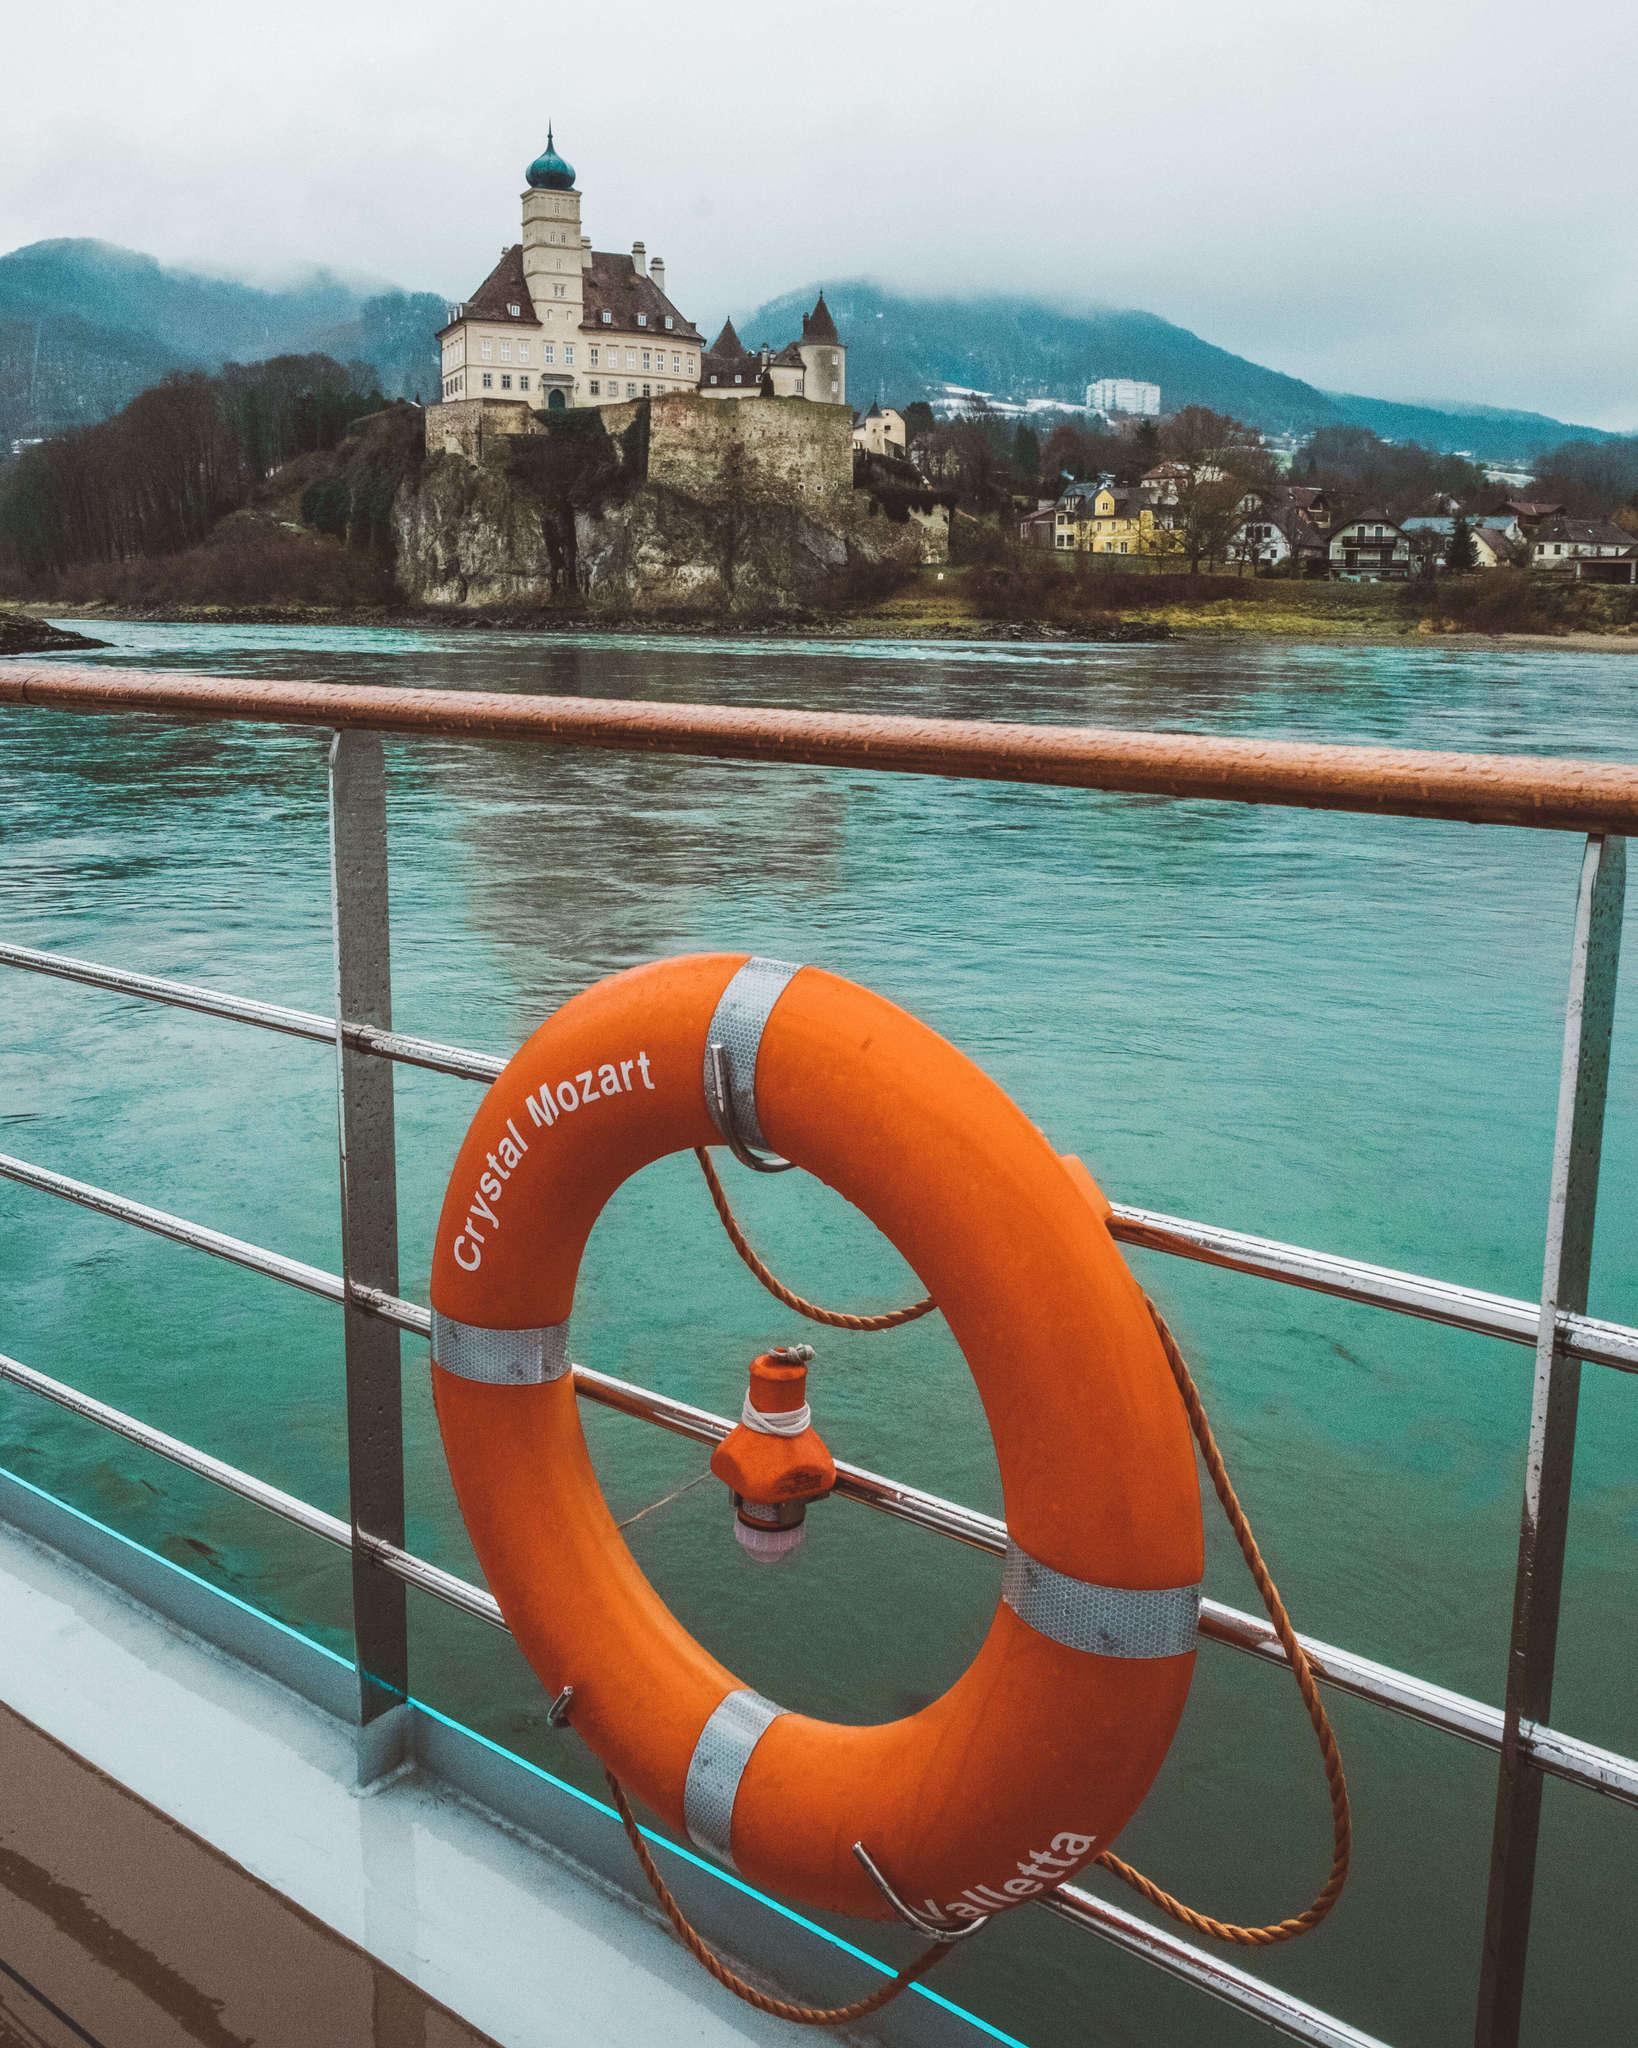 River Cruising to Melk